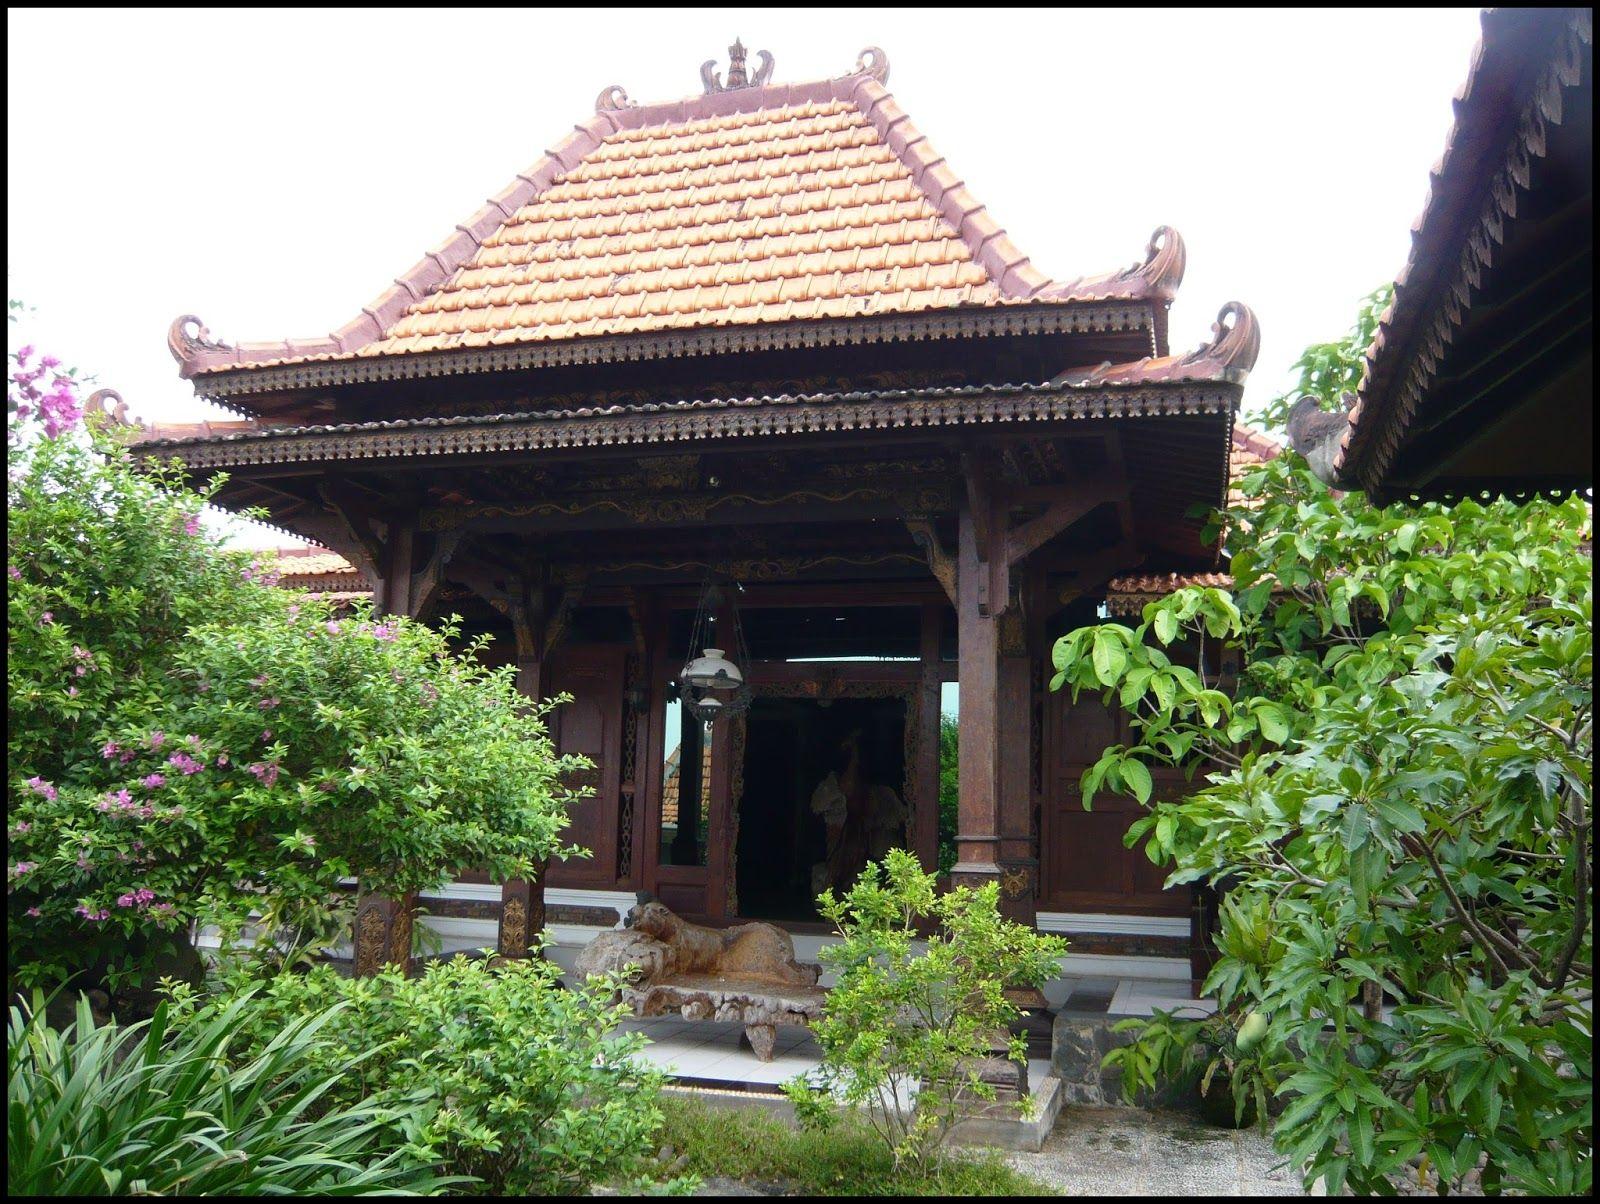 Rumah Adat Bali Namanya